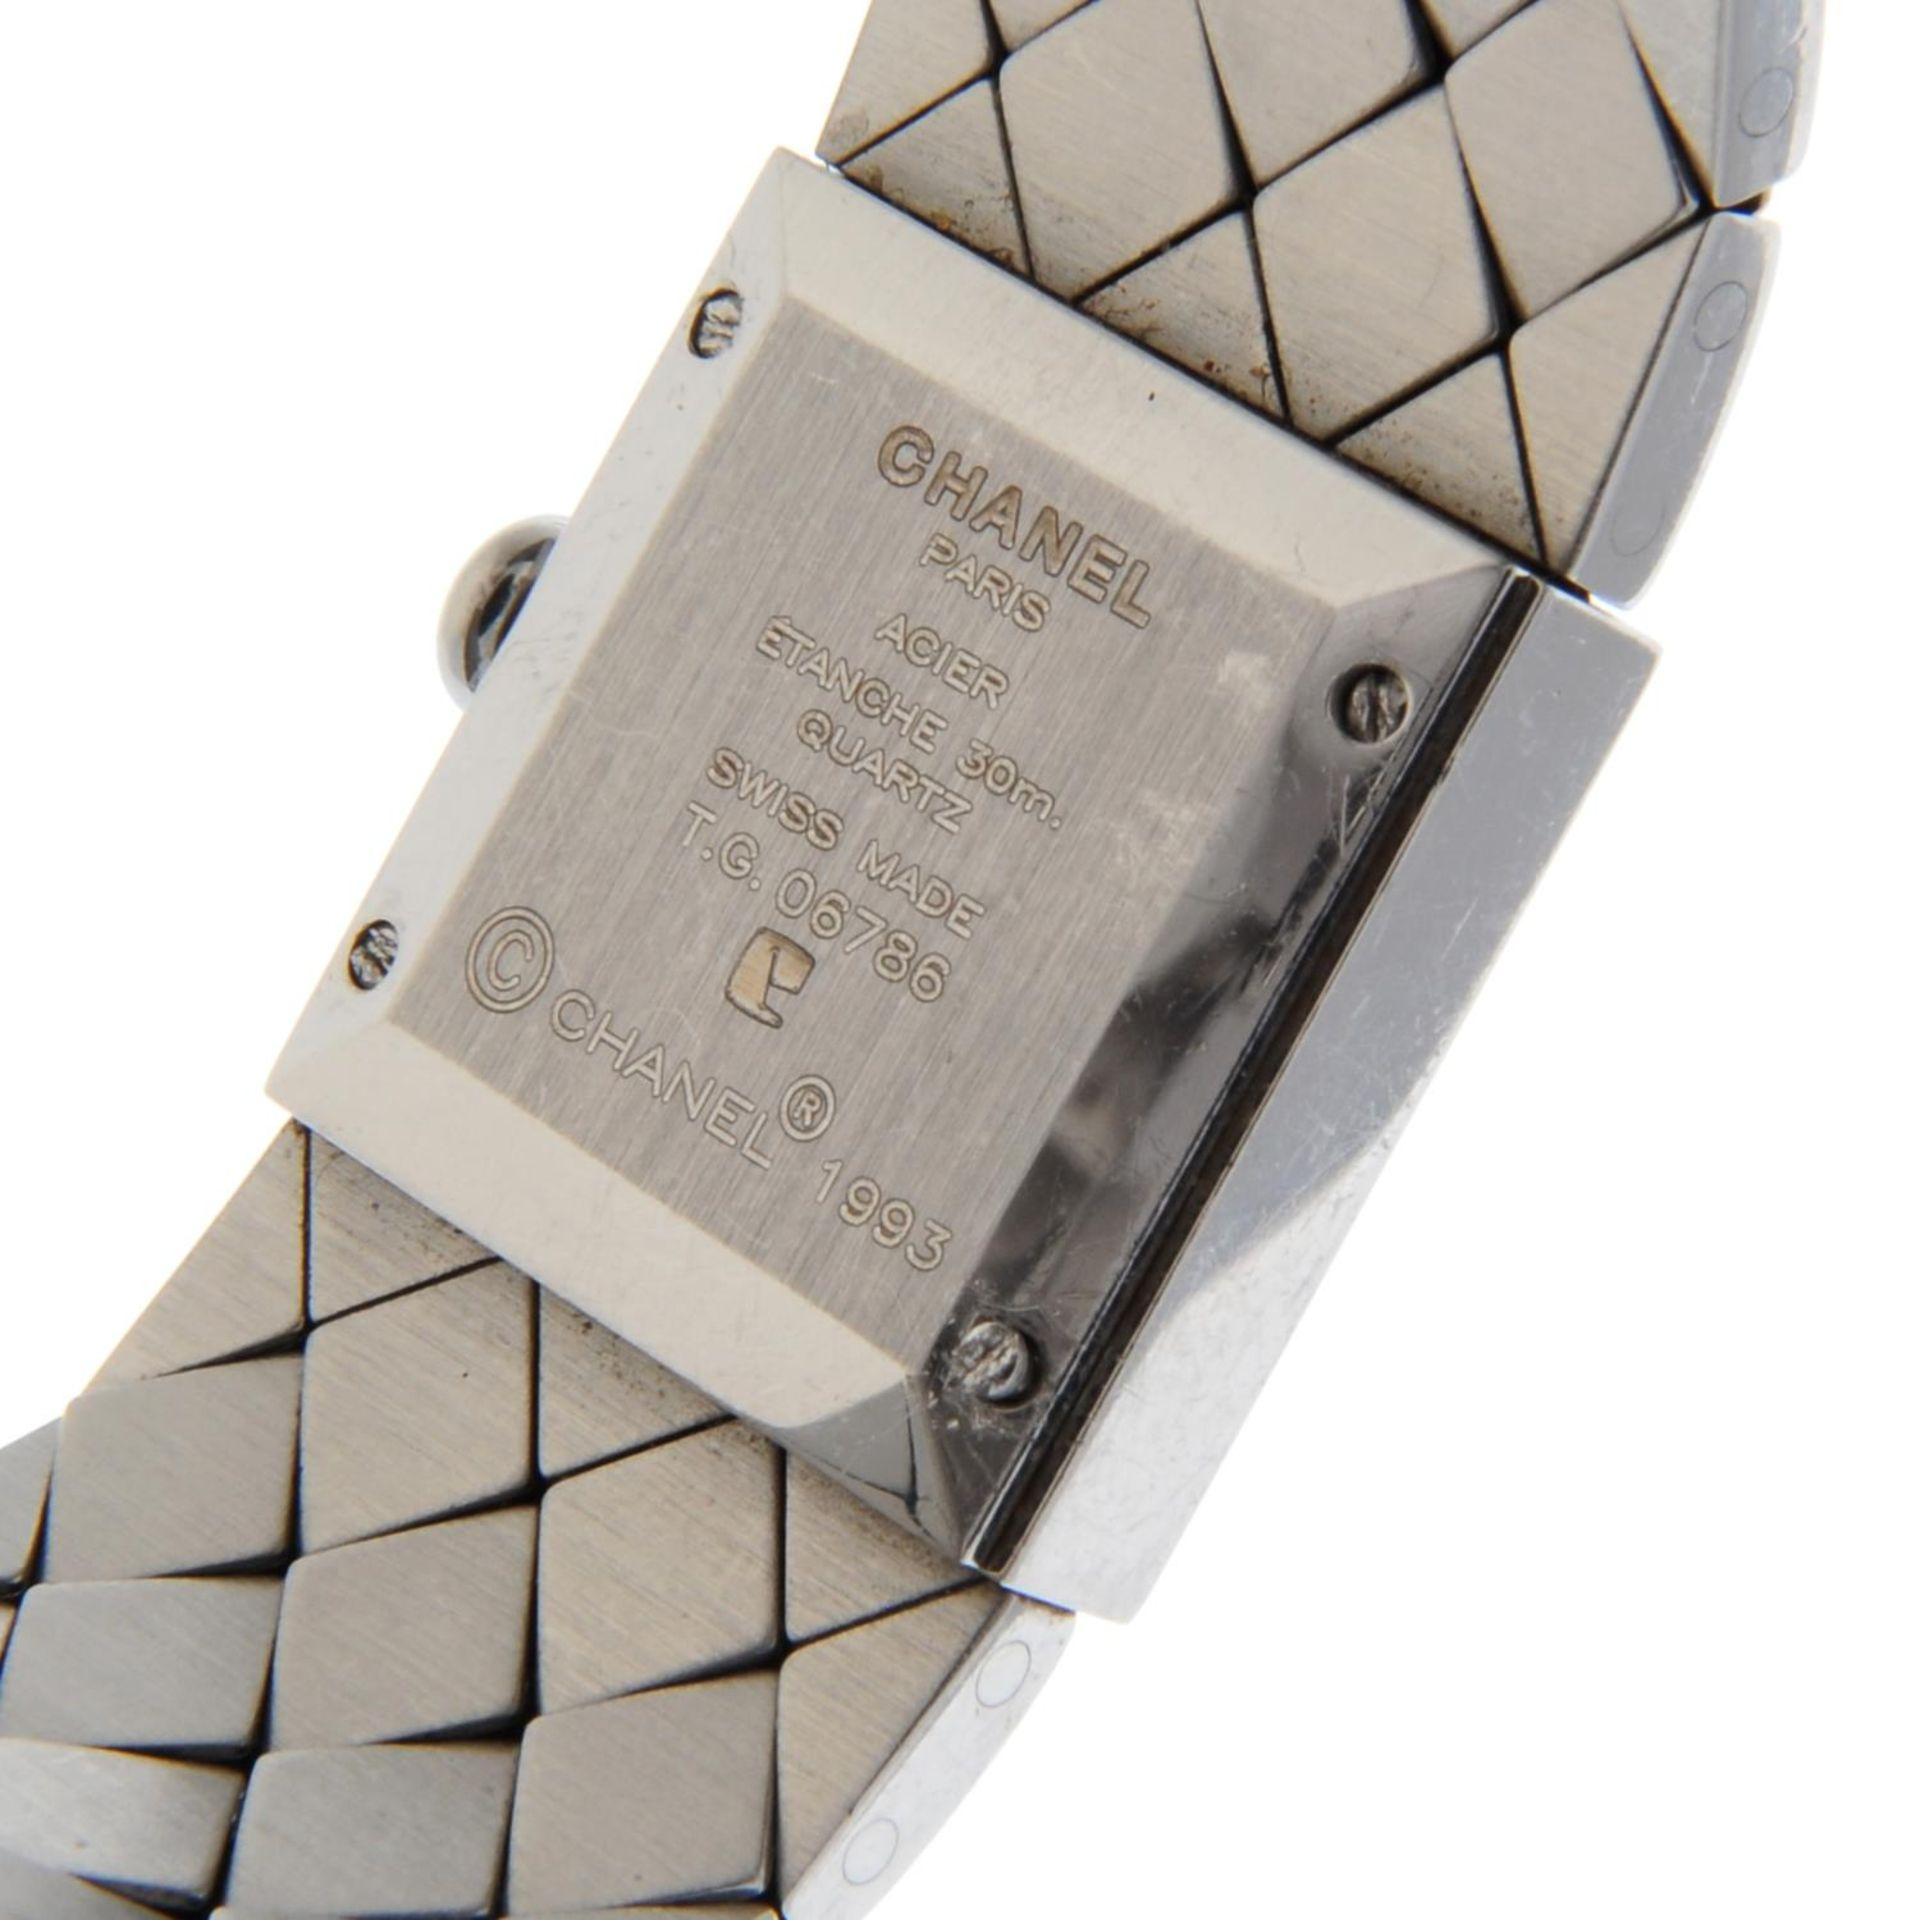 CHANEL - an Acier Etanche bracelet watch. - Bild 5 aus 5